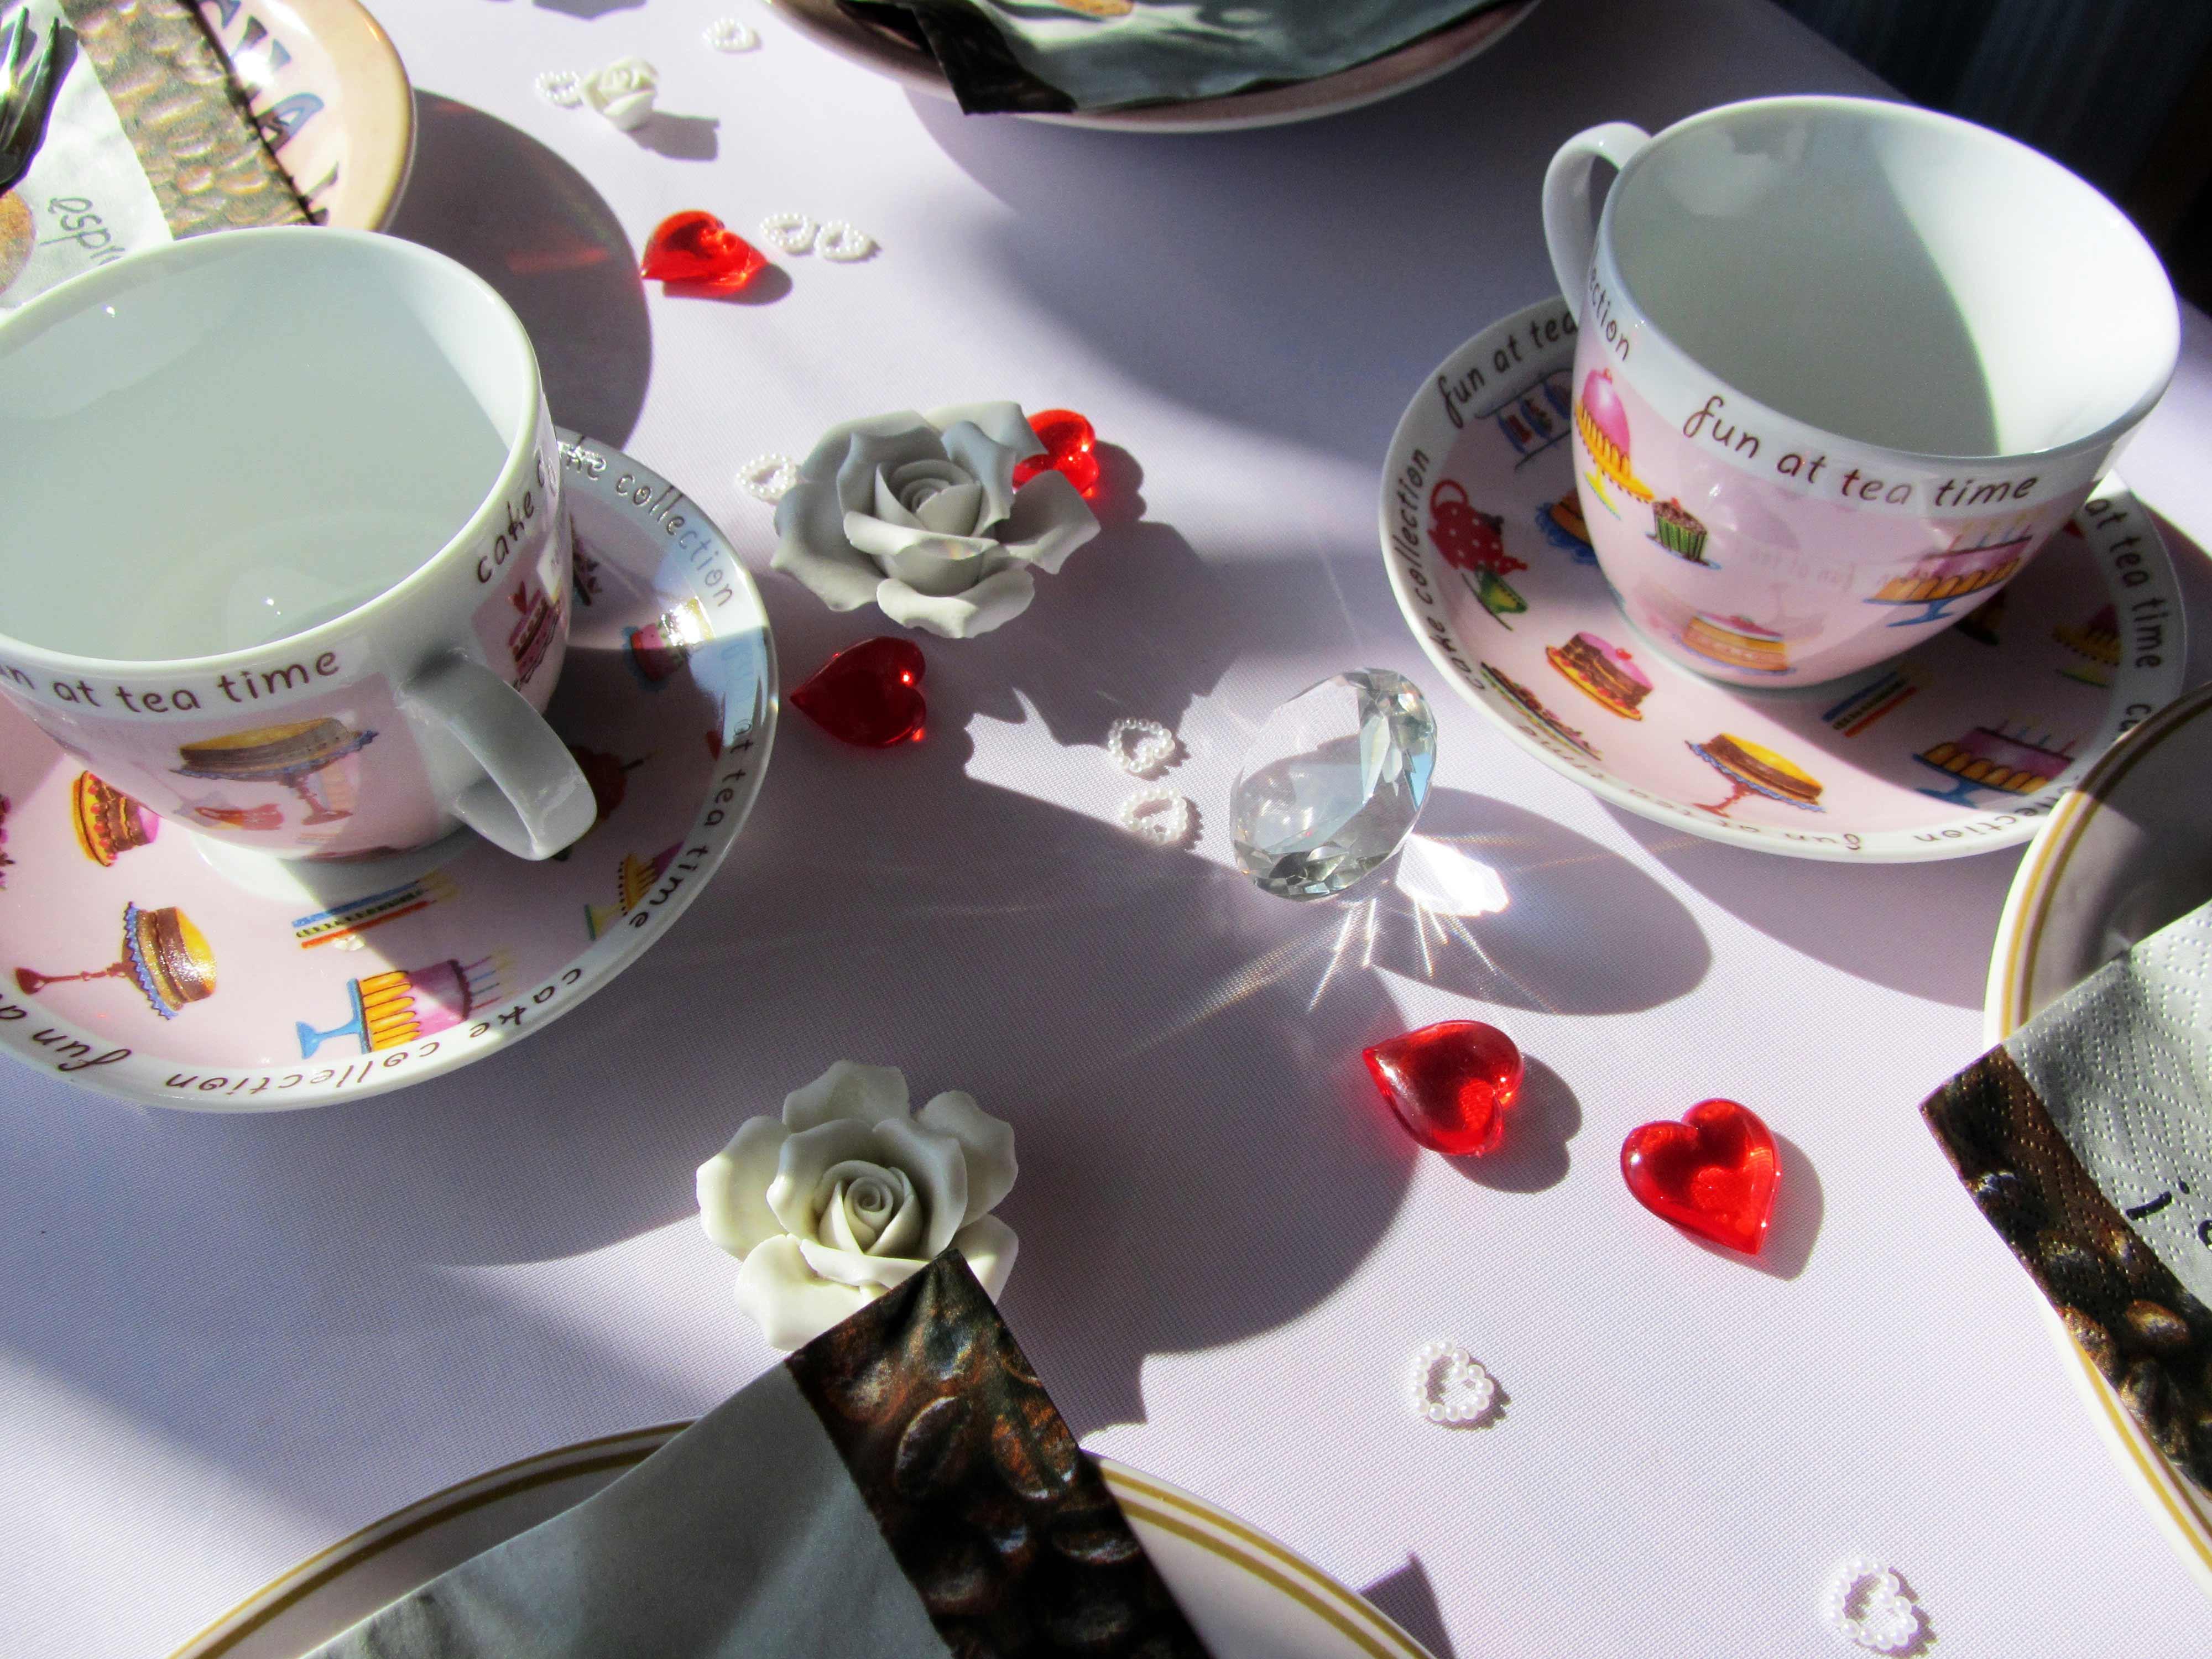 Tischdeko Zur Hochzeit  Tischdeko Hochzeit Bilder Bildergalerie Hochzeitsportal24